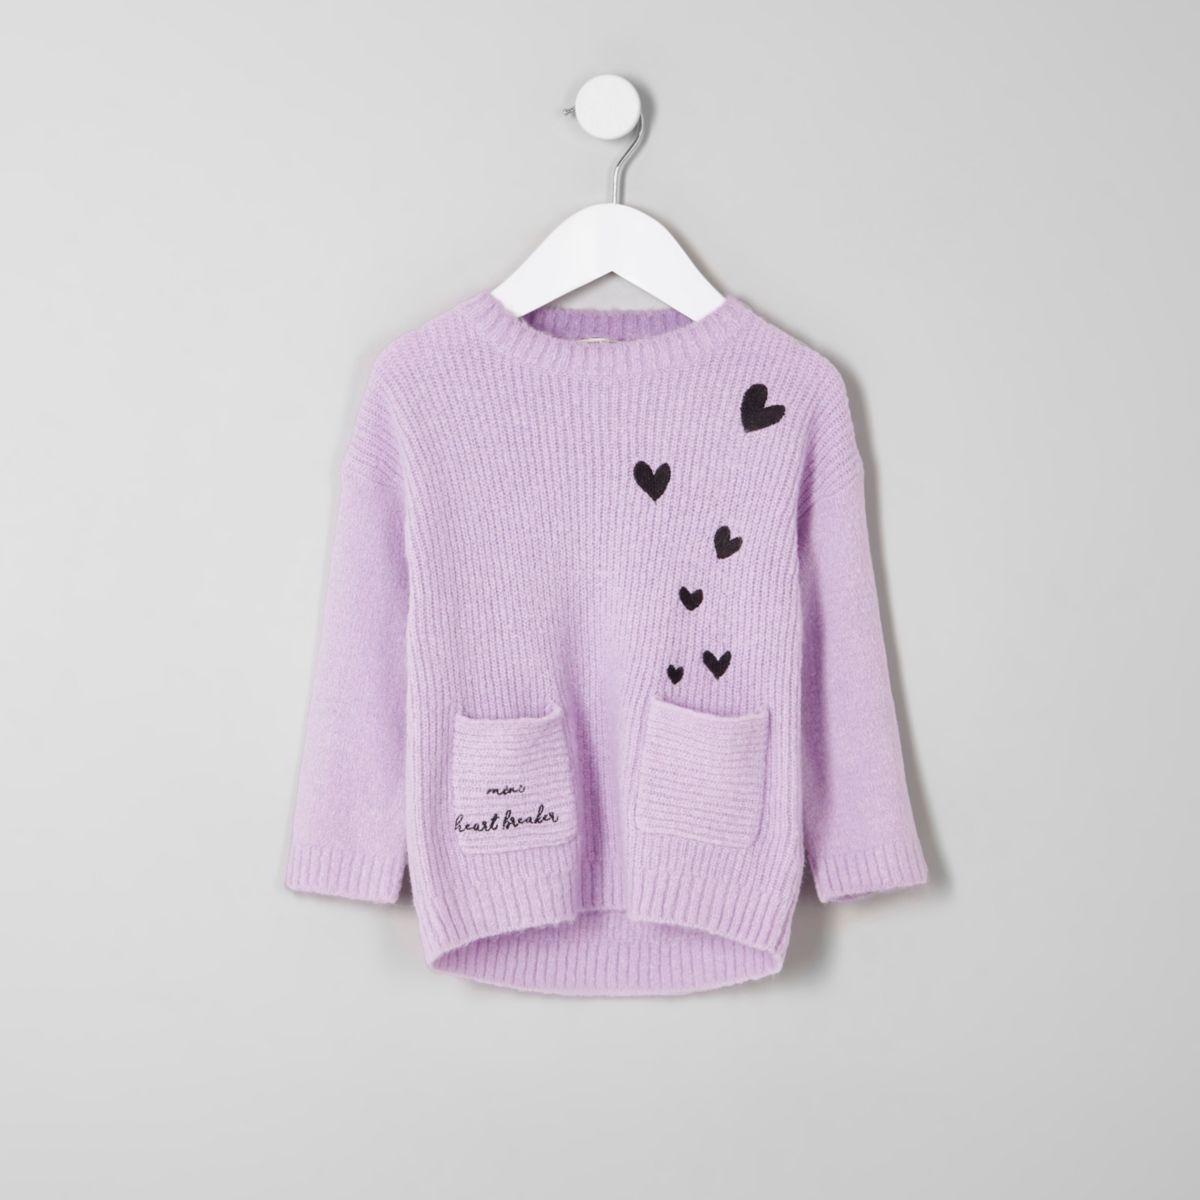 Mini girls 'mini heart breaker' knit jumper